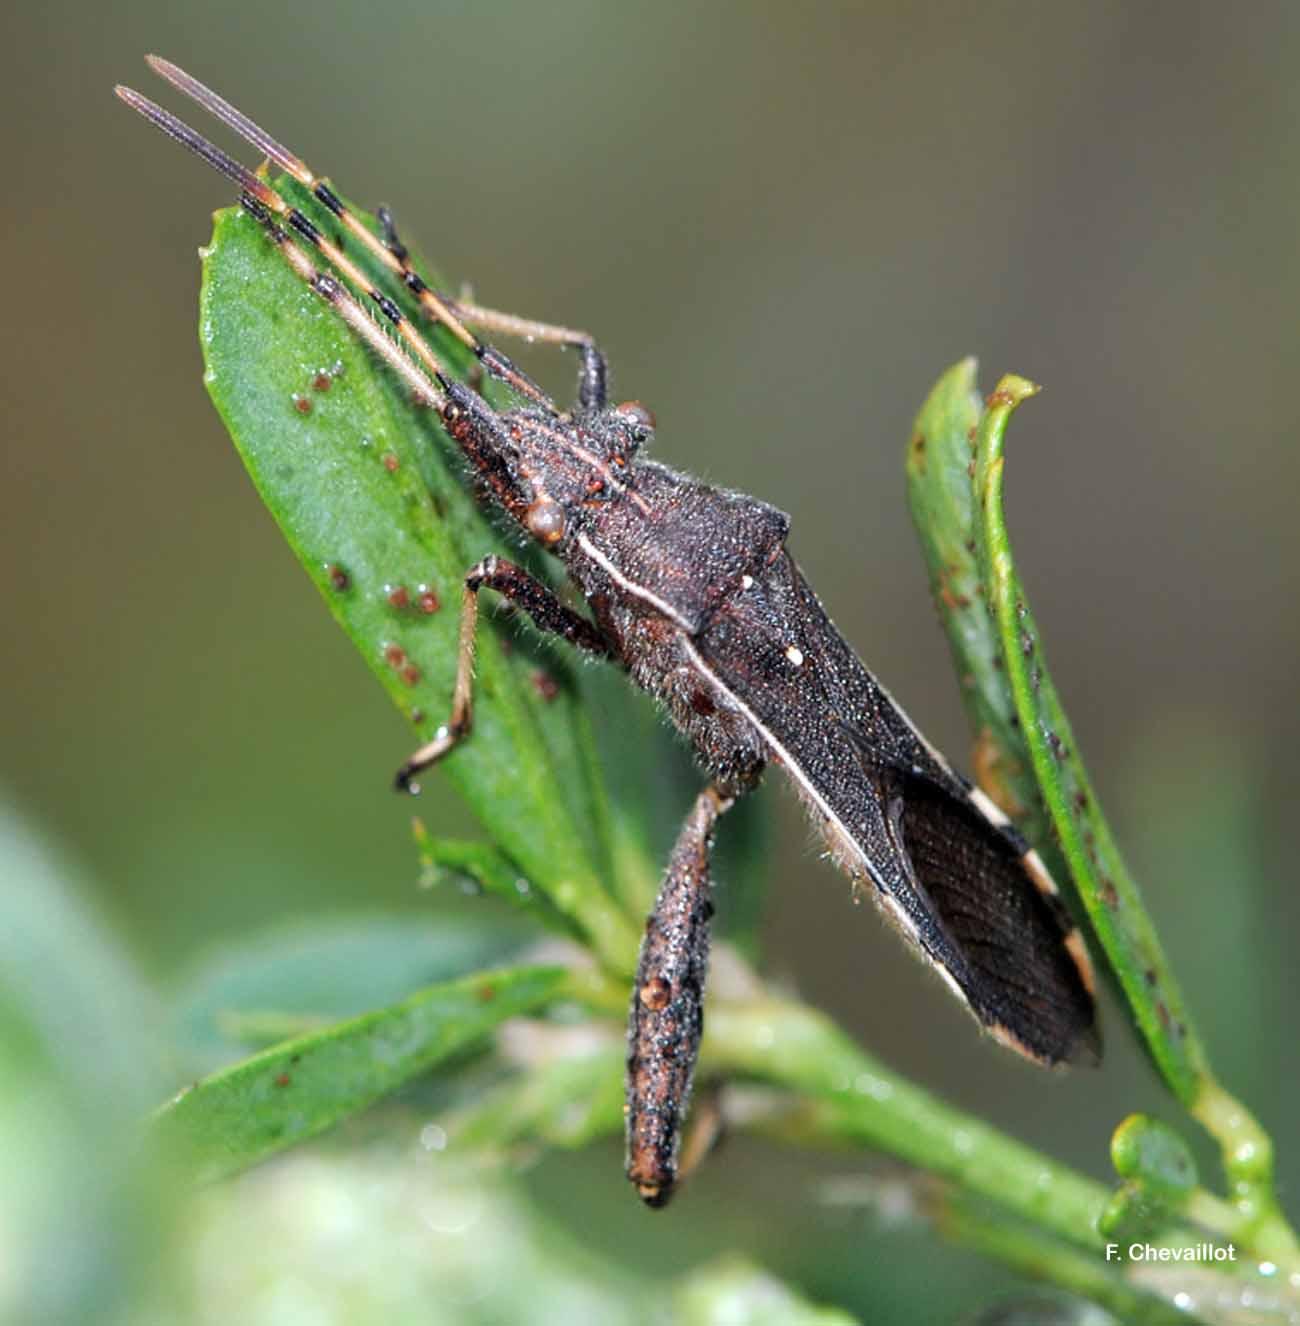 Camptopus lateralis